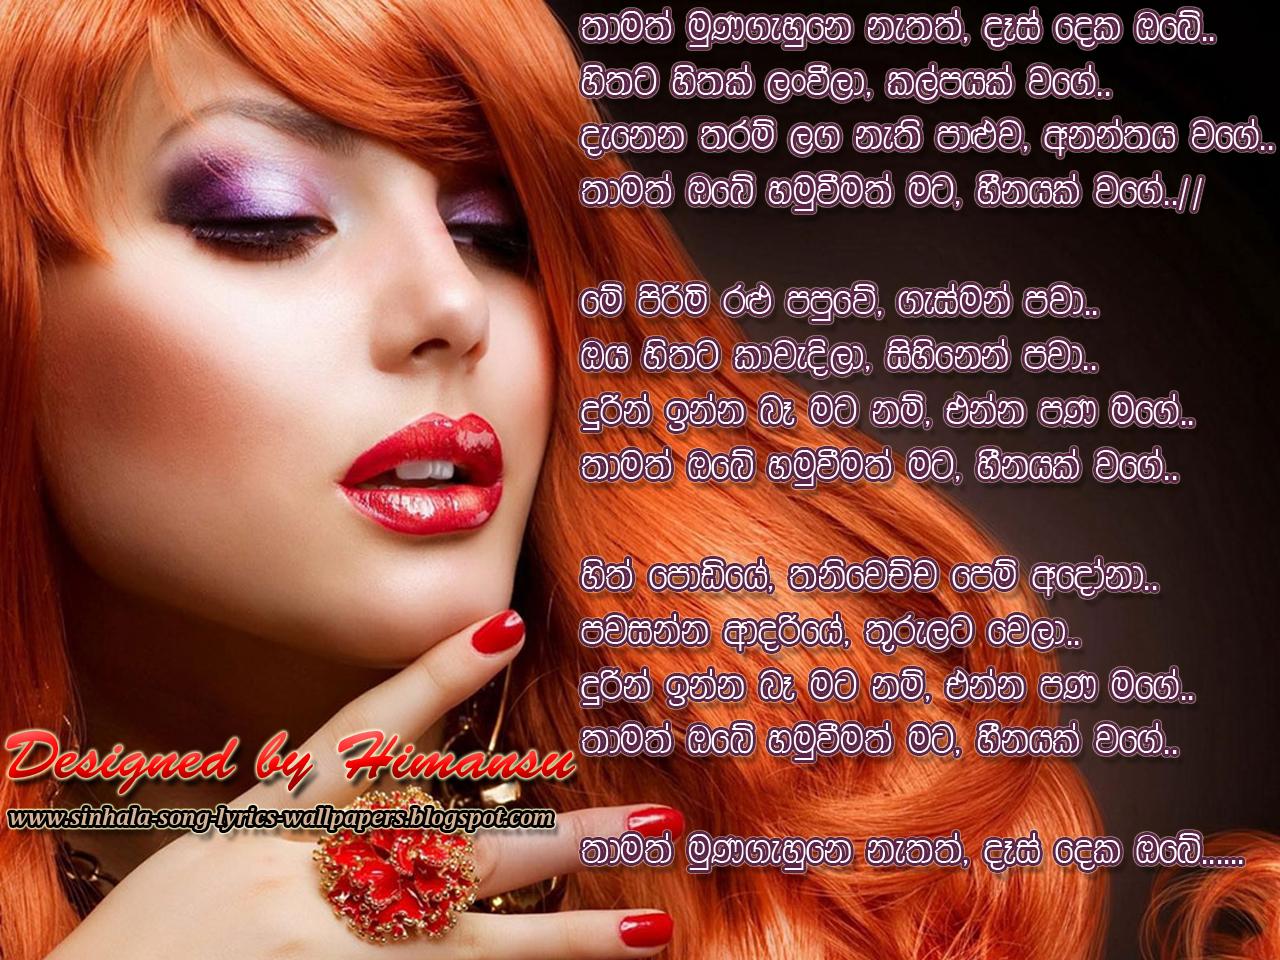 Sinhala Song Lyrics Wallpapers Heenayak Wage Thamath Muna Gahune 1280x960